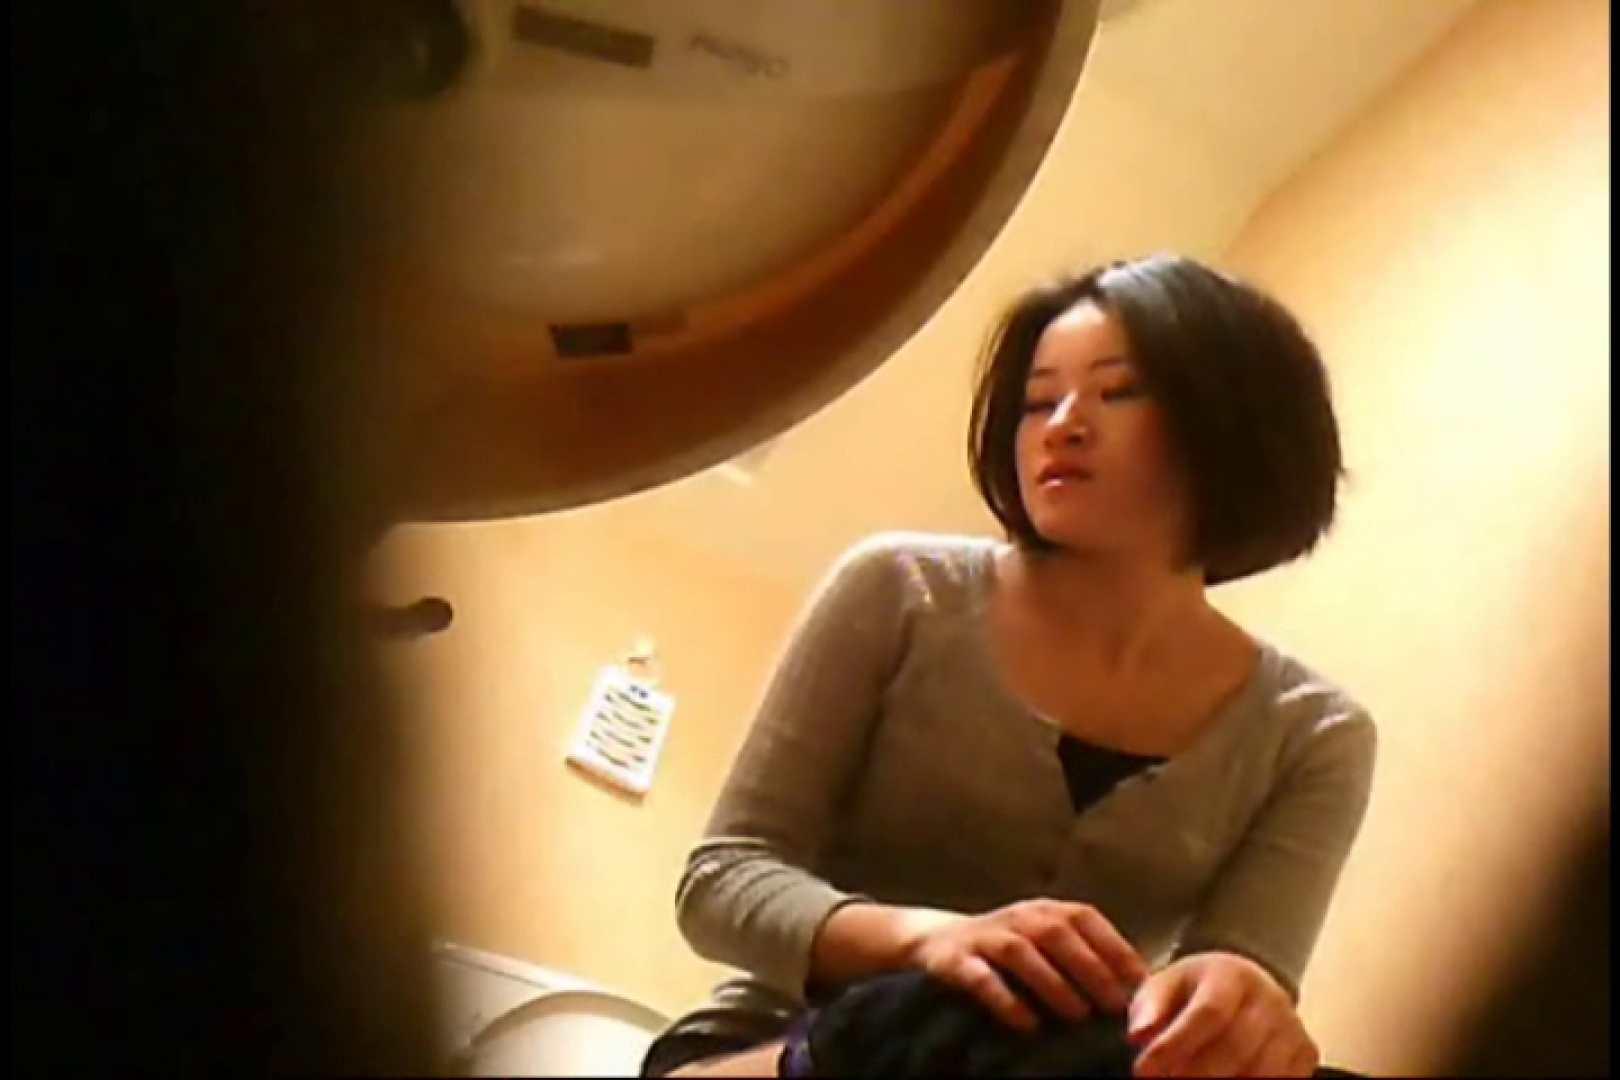 潜入!!女子化粧室盗撮~絶対見られたくない時間~vo,42 潜入 | Hなお姉さん  88pic 45